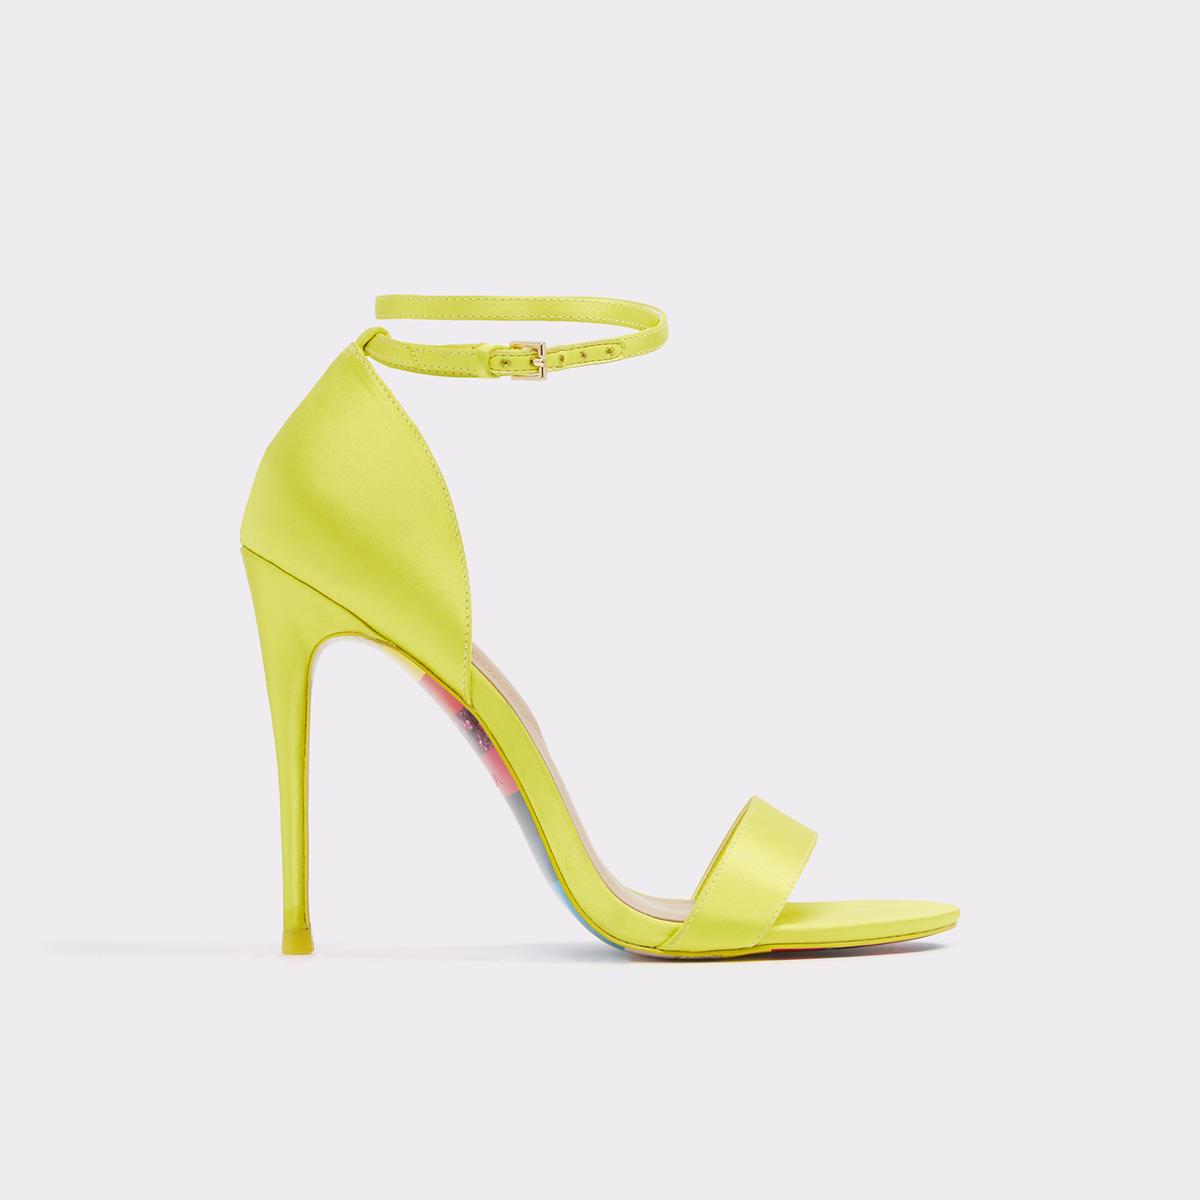 1da4889e767 Sandyy Light Yellow Women s Heels